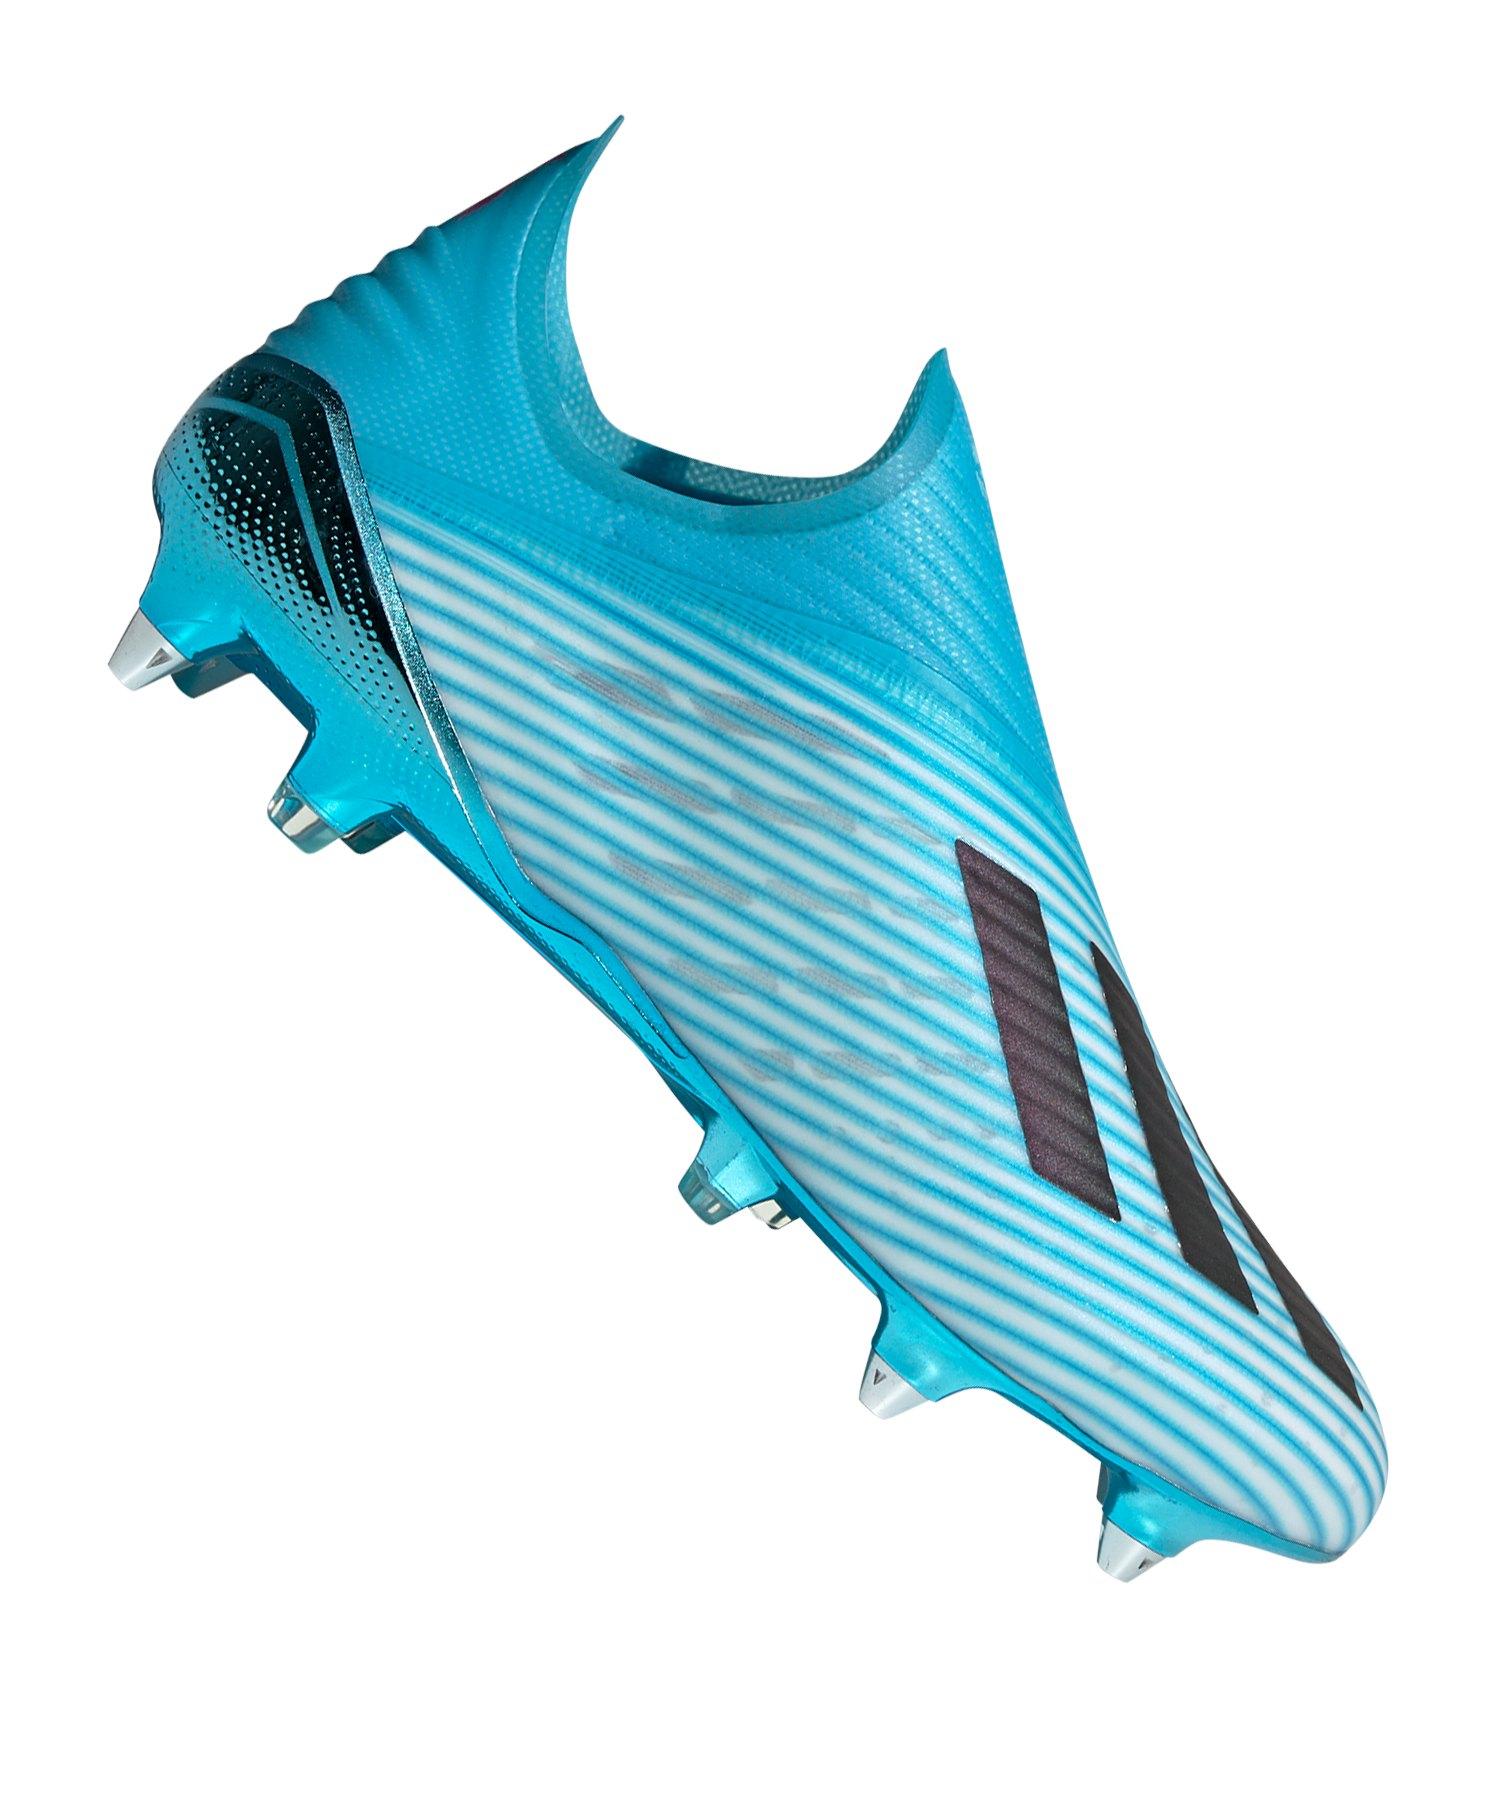 adidas X 19+ SG Blau Weiss Schwarz - blau